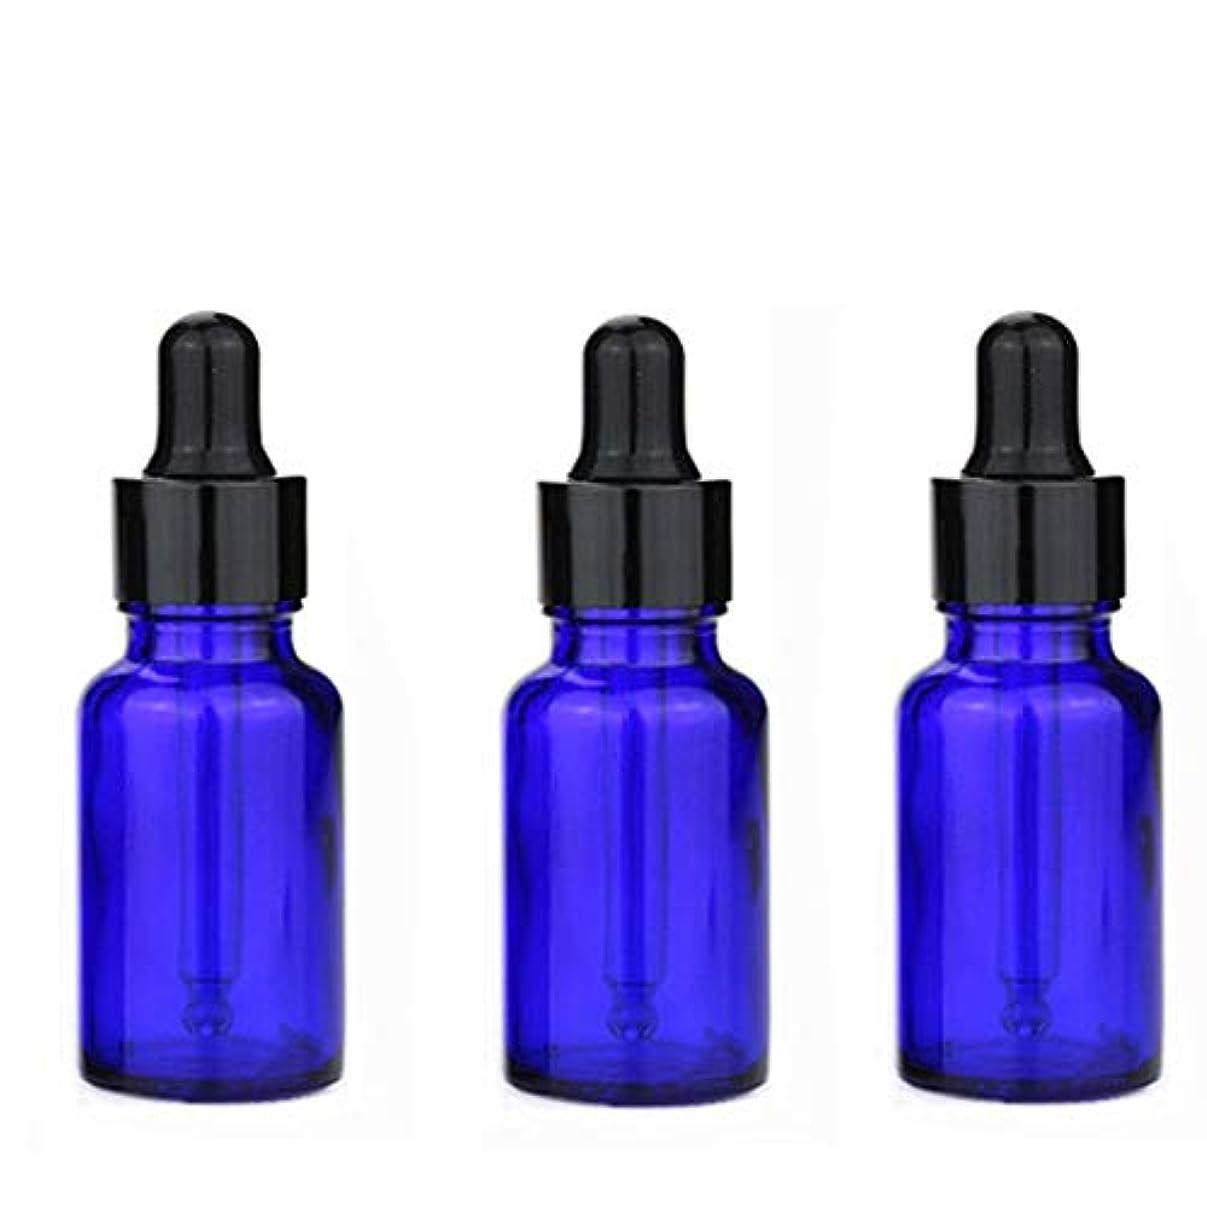 Lindexs スポイト遮光瓶 アロマオイル 精油 小分け用 スポイト 遮光瓶 キャップ 保存 詰替え オイル用 ガラス製 3本セット 20ml